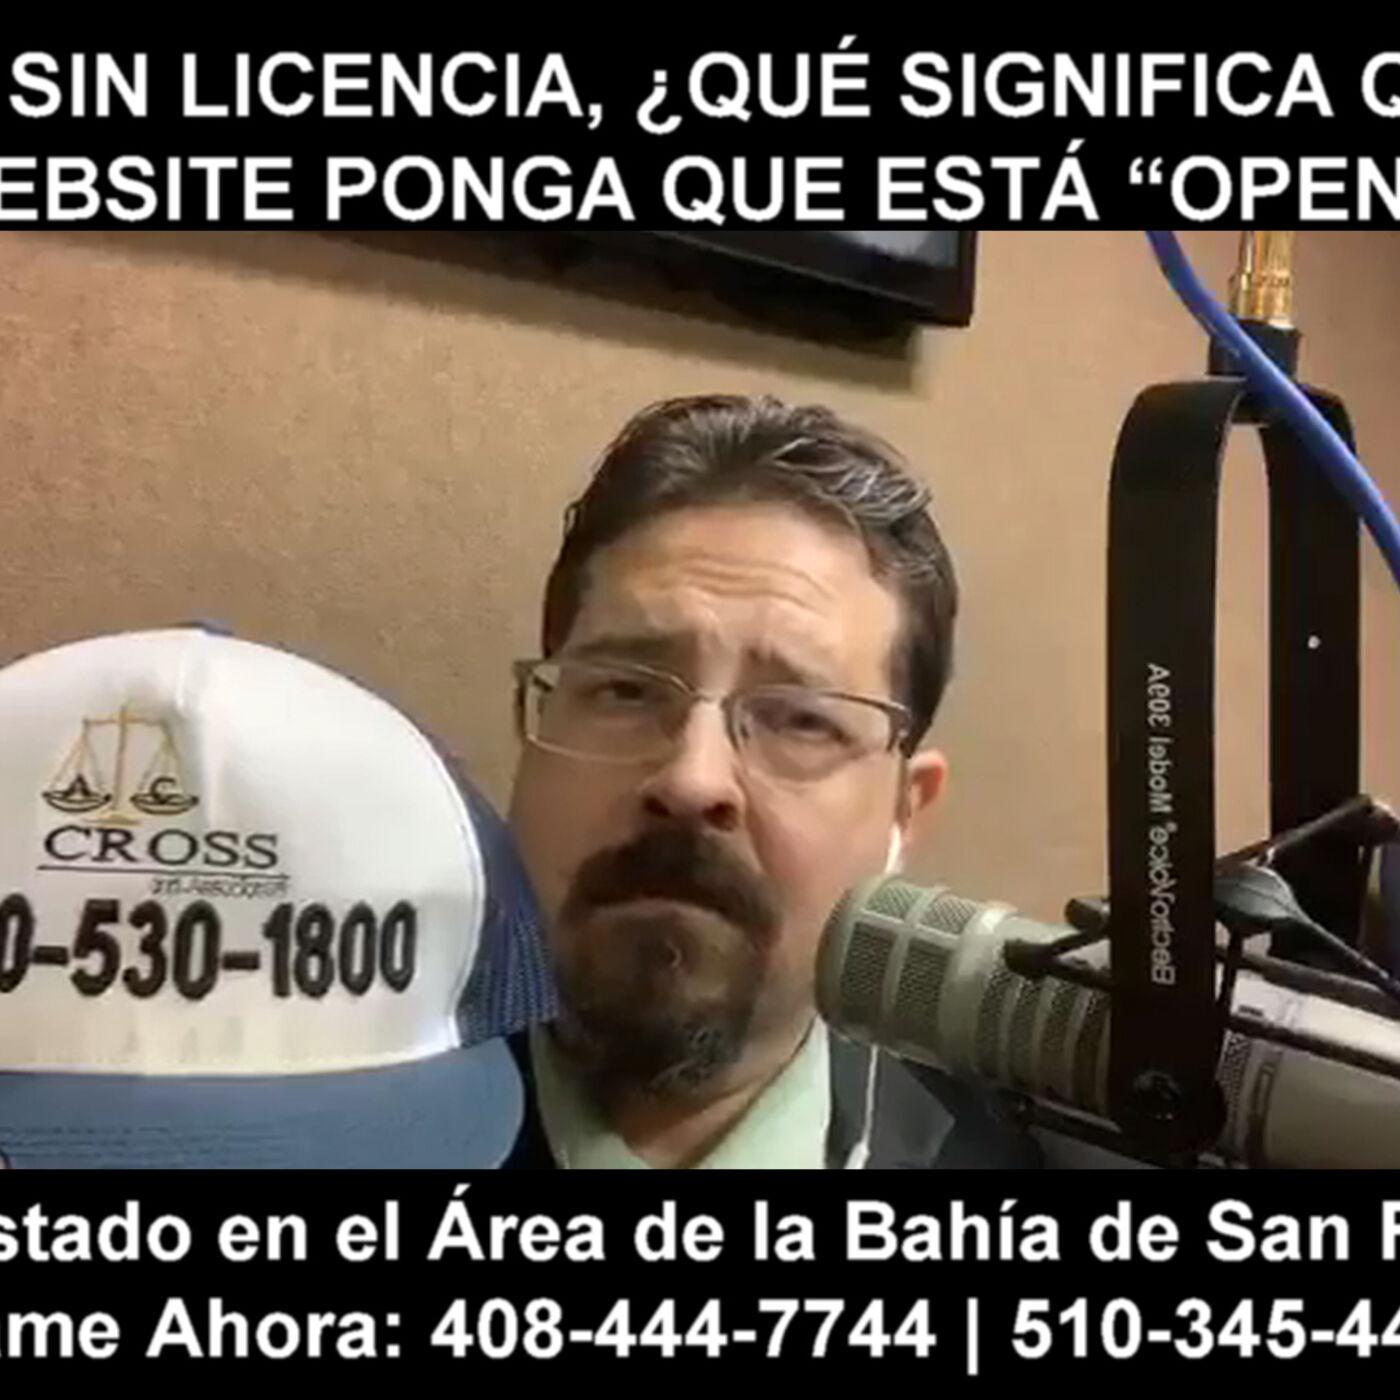 """Manejar sin licencia, ¿qué significa que en el website ponga que está """"Open""""?"""